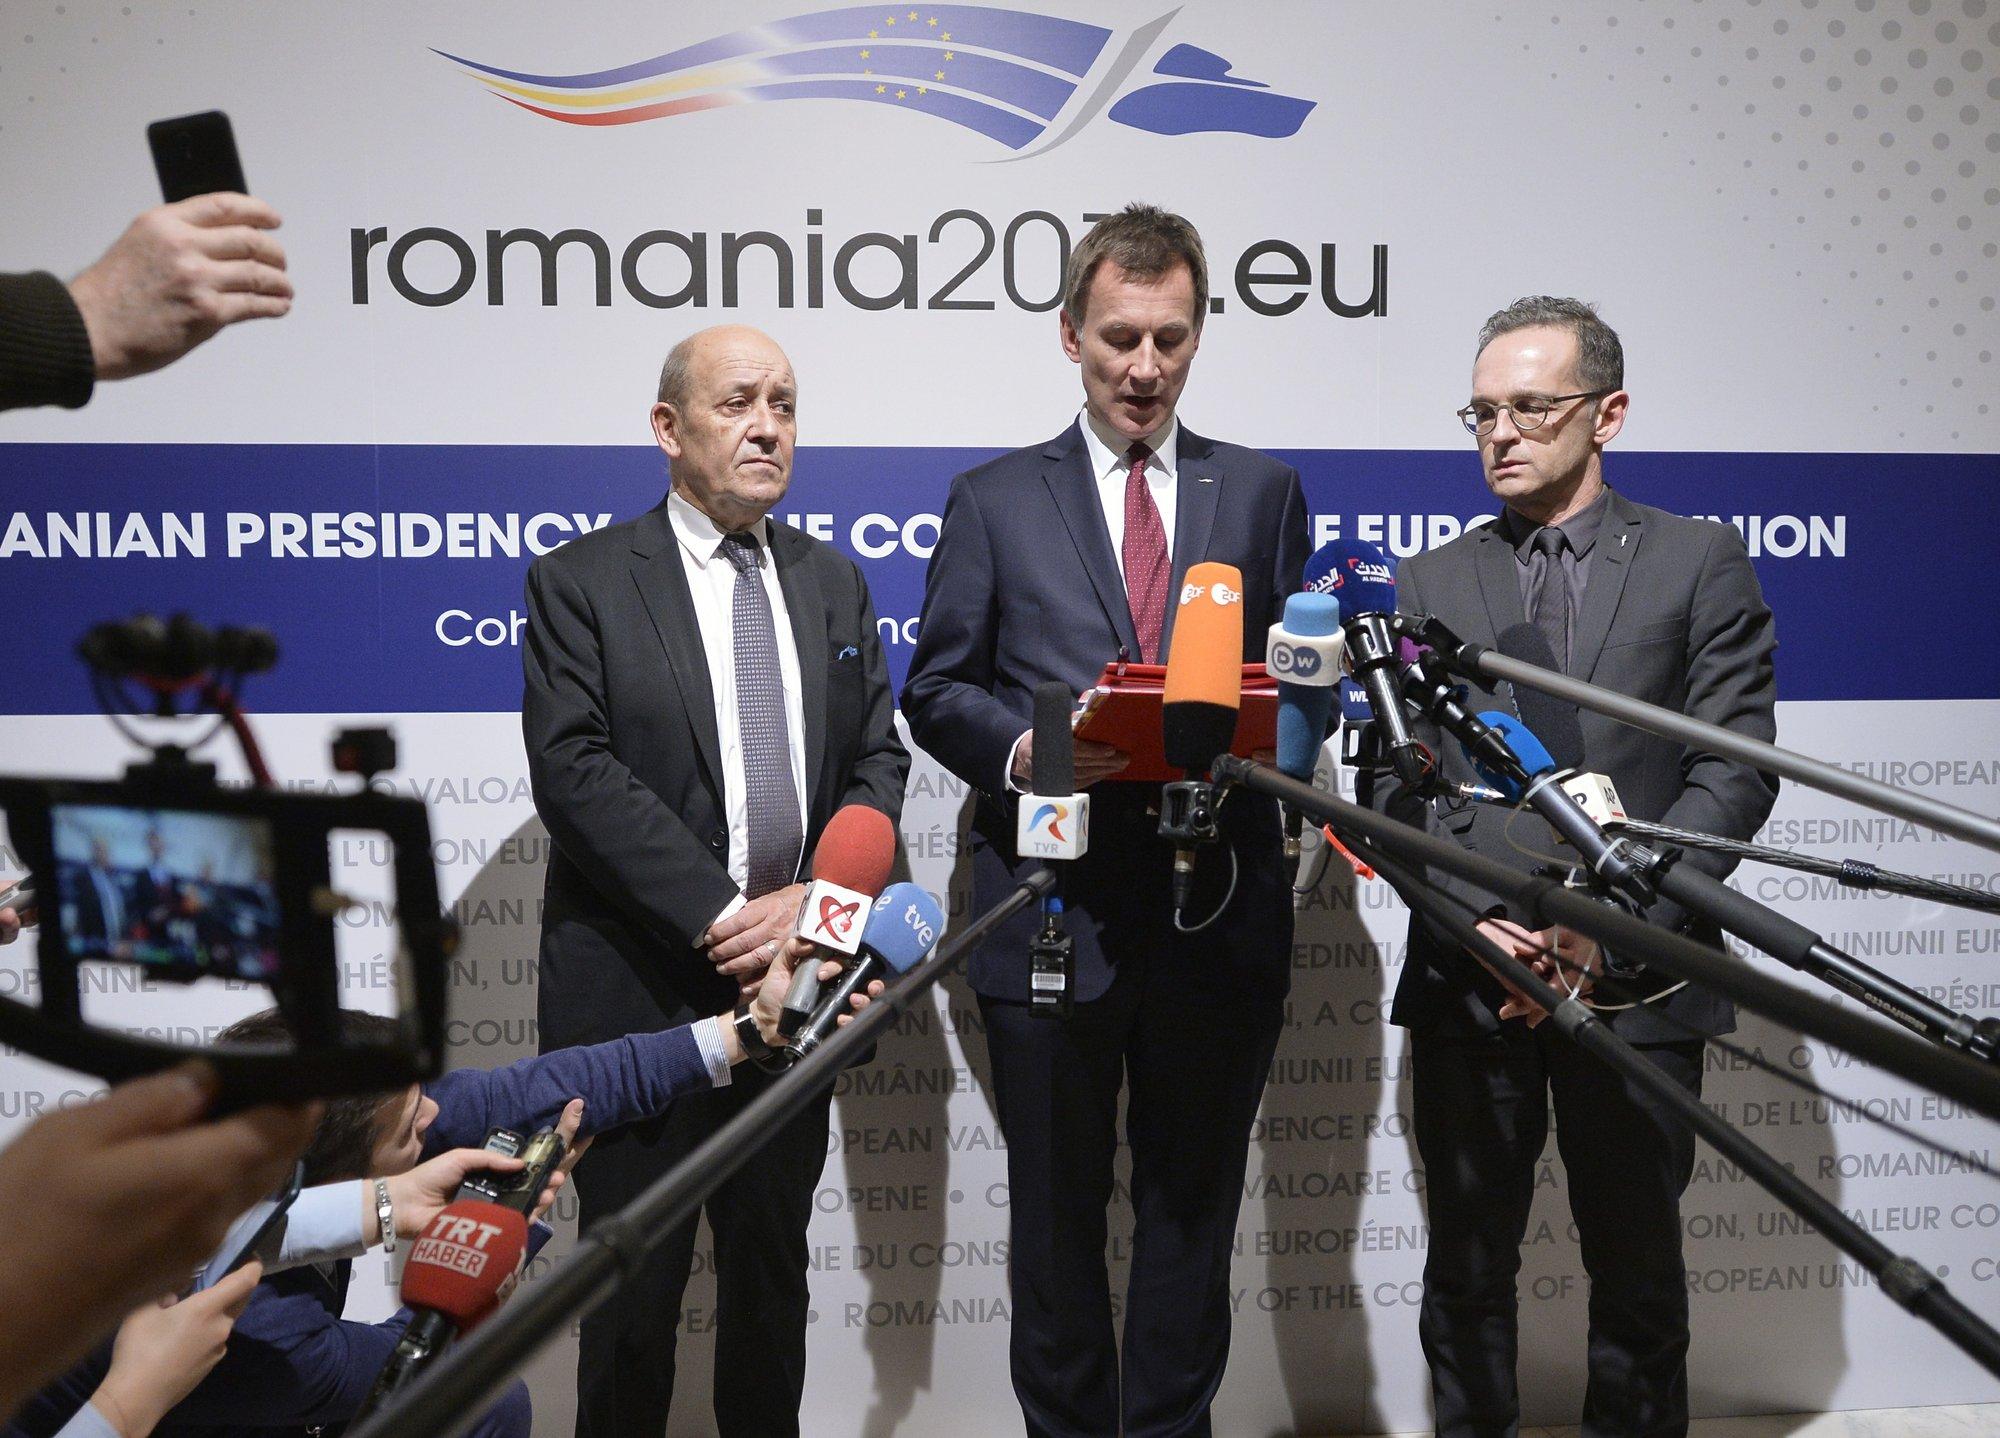 ЕС опасается распространения ядерного оружия из-за выхода США из ракетного договора